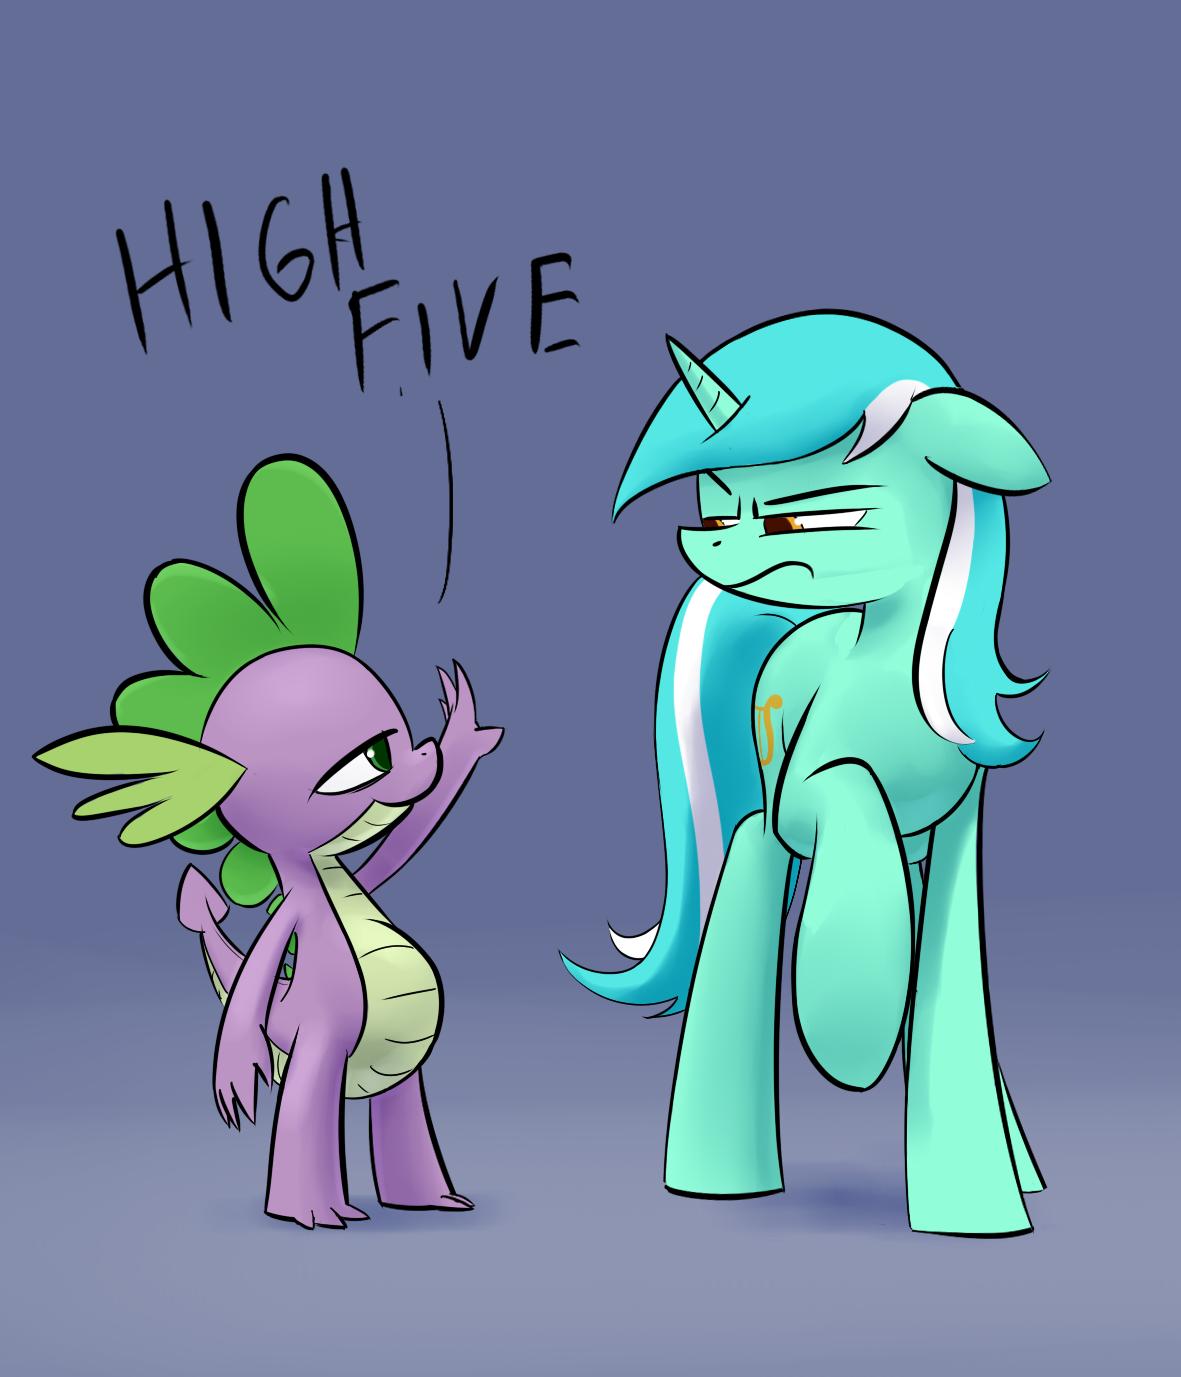 Hey Lyra